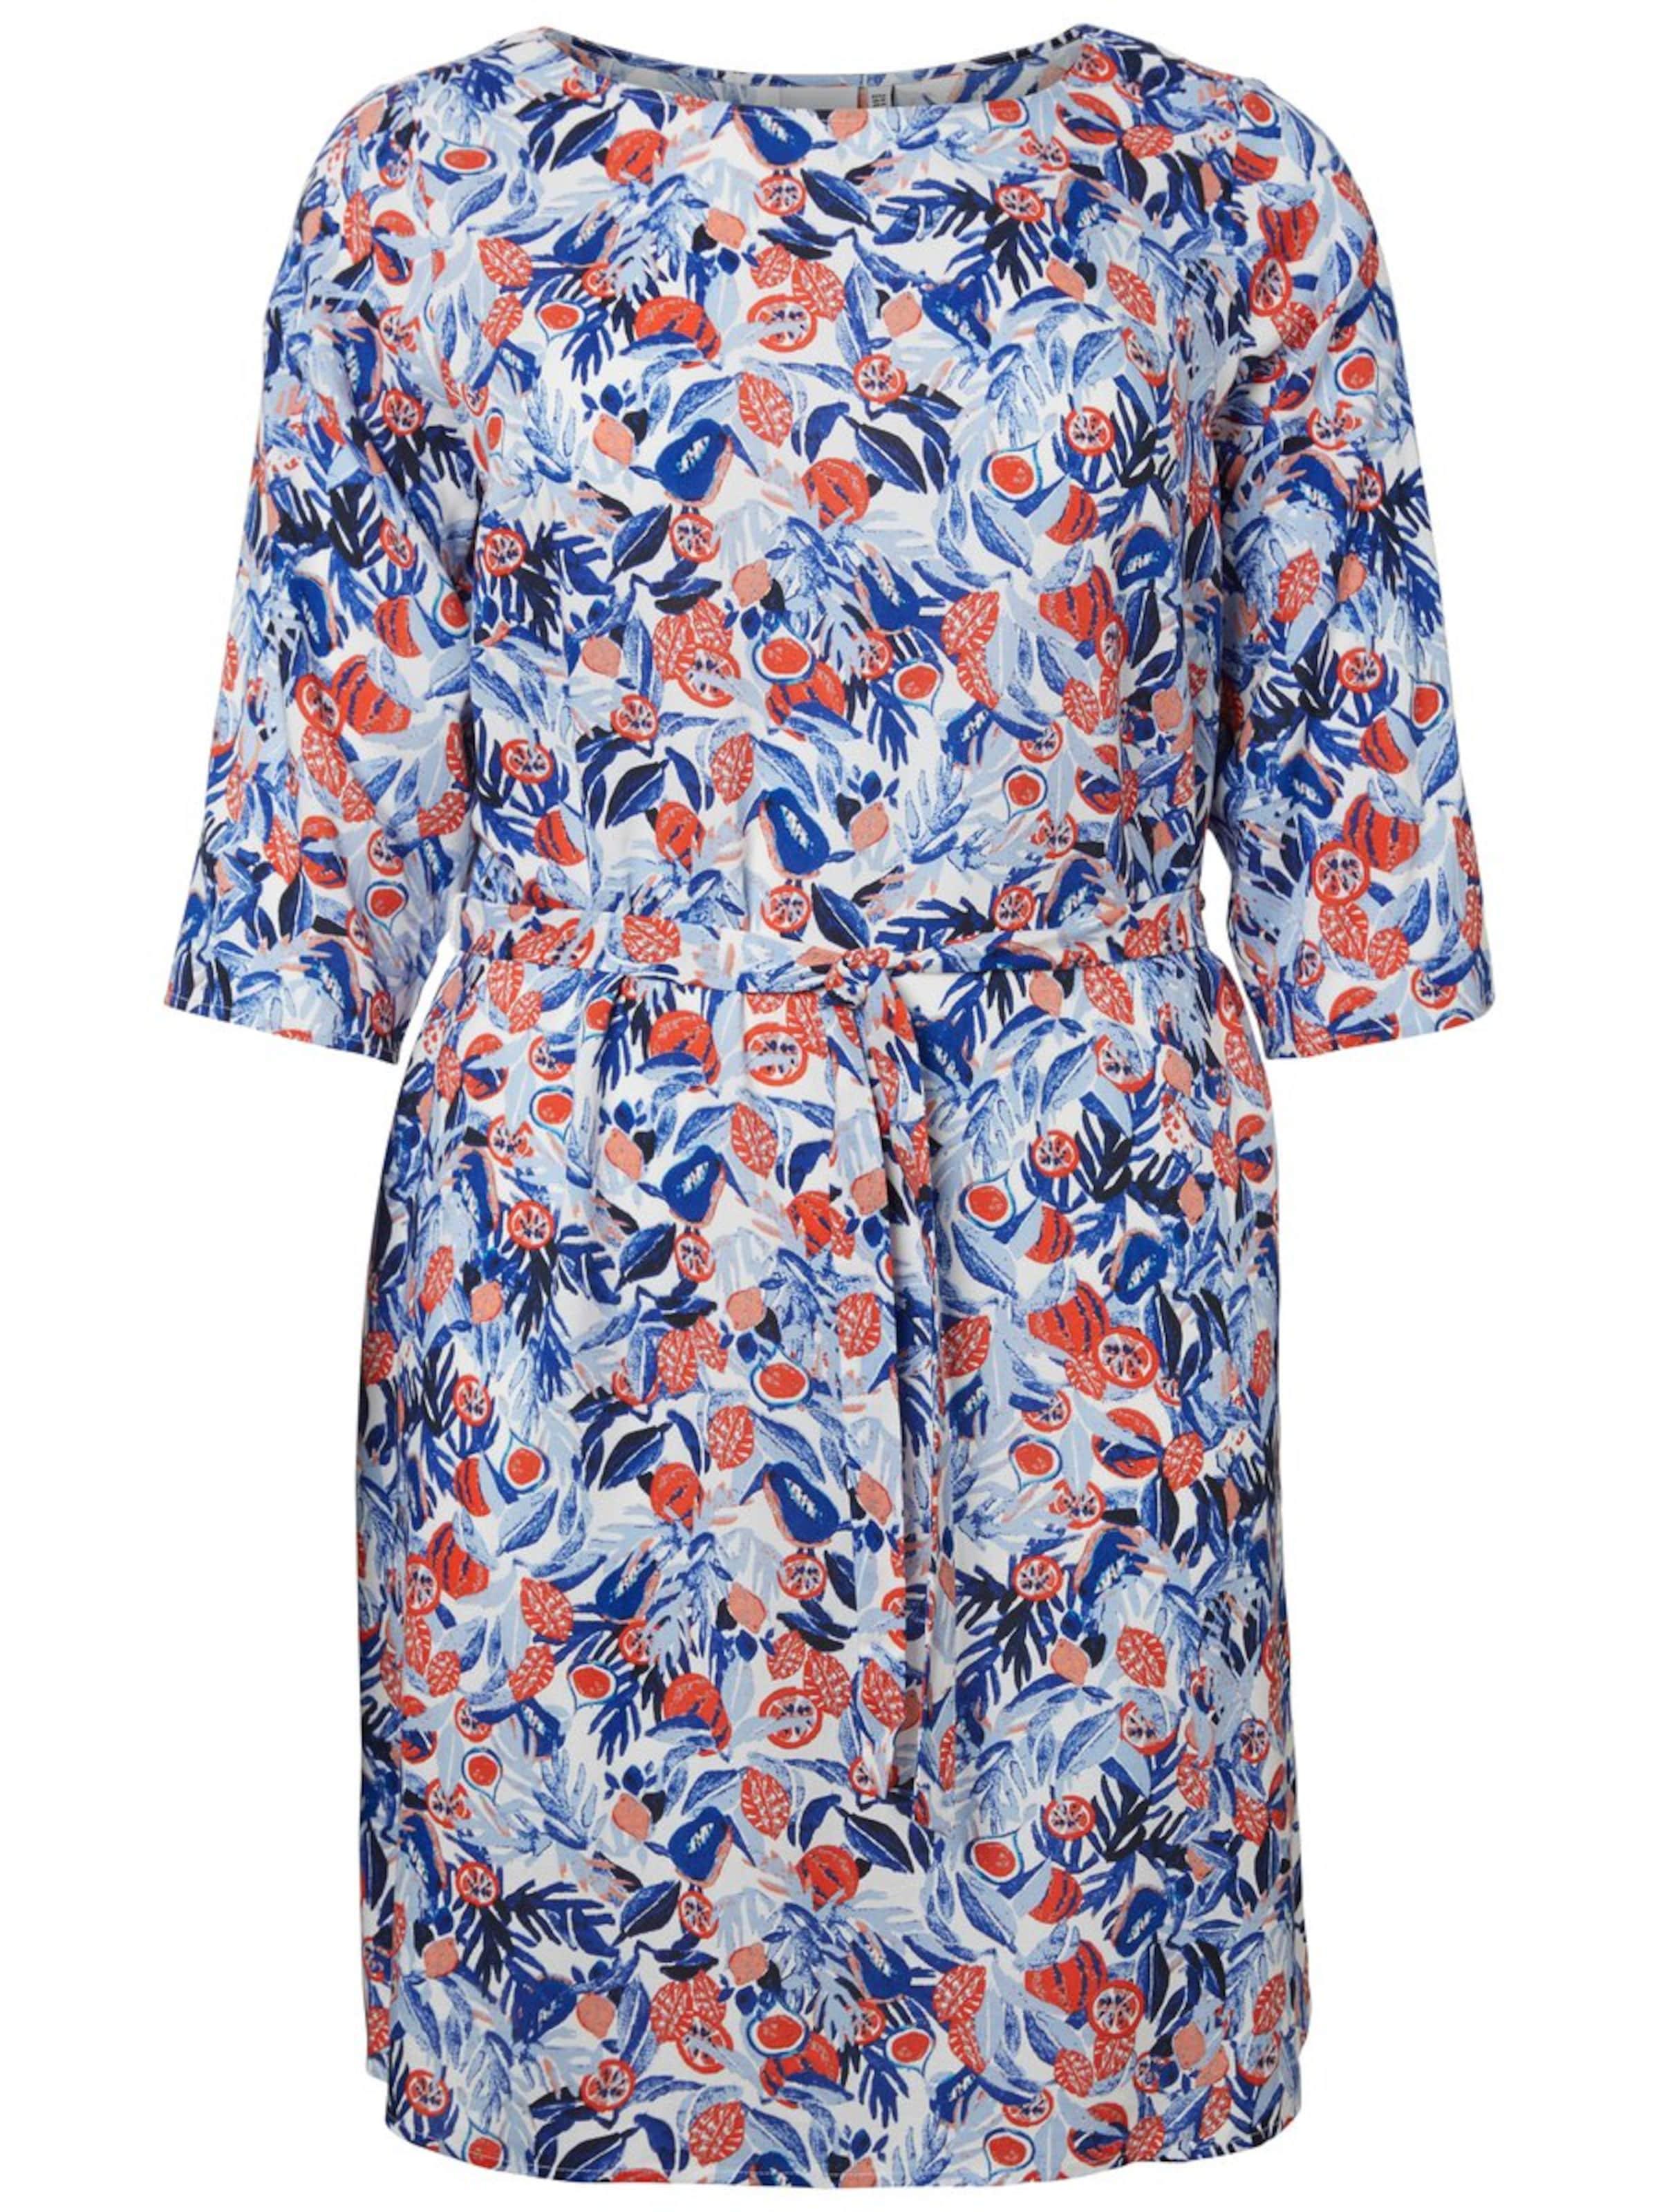 Mischfarben Kleid Kleid Kleid Junarose Kleid In Mischfarben Mischfarben Junarose Junarose In In Junarose sQCBtrdhx